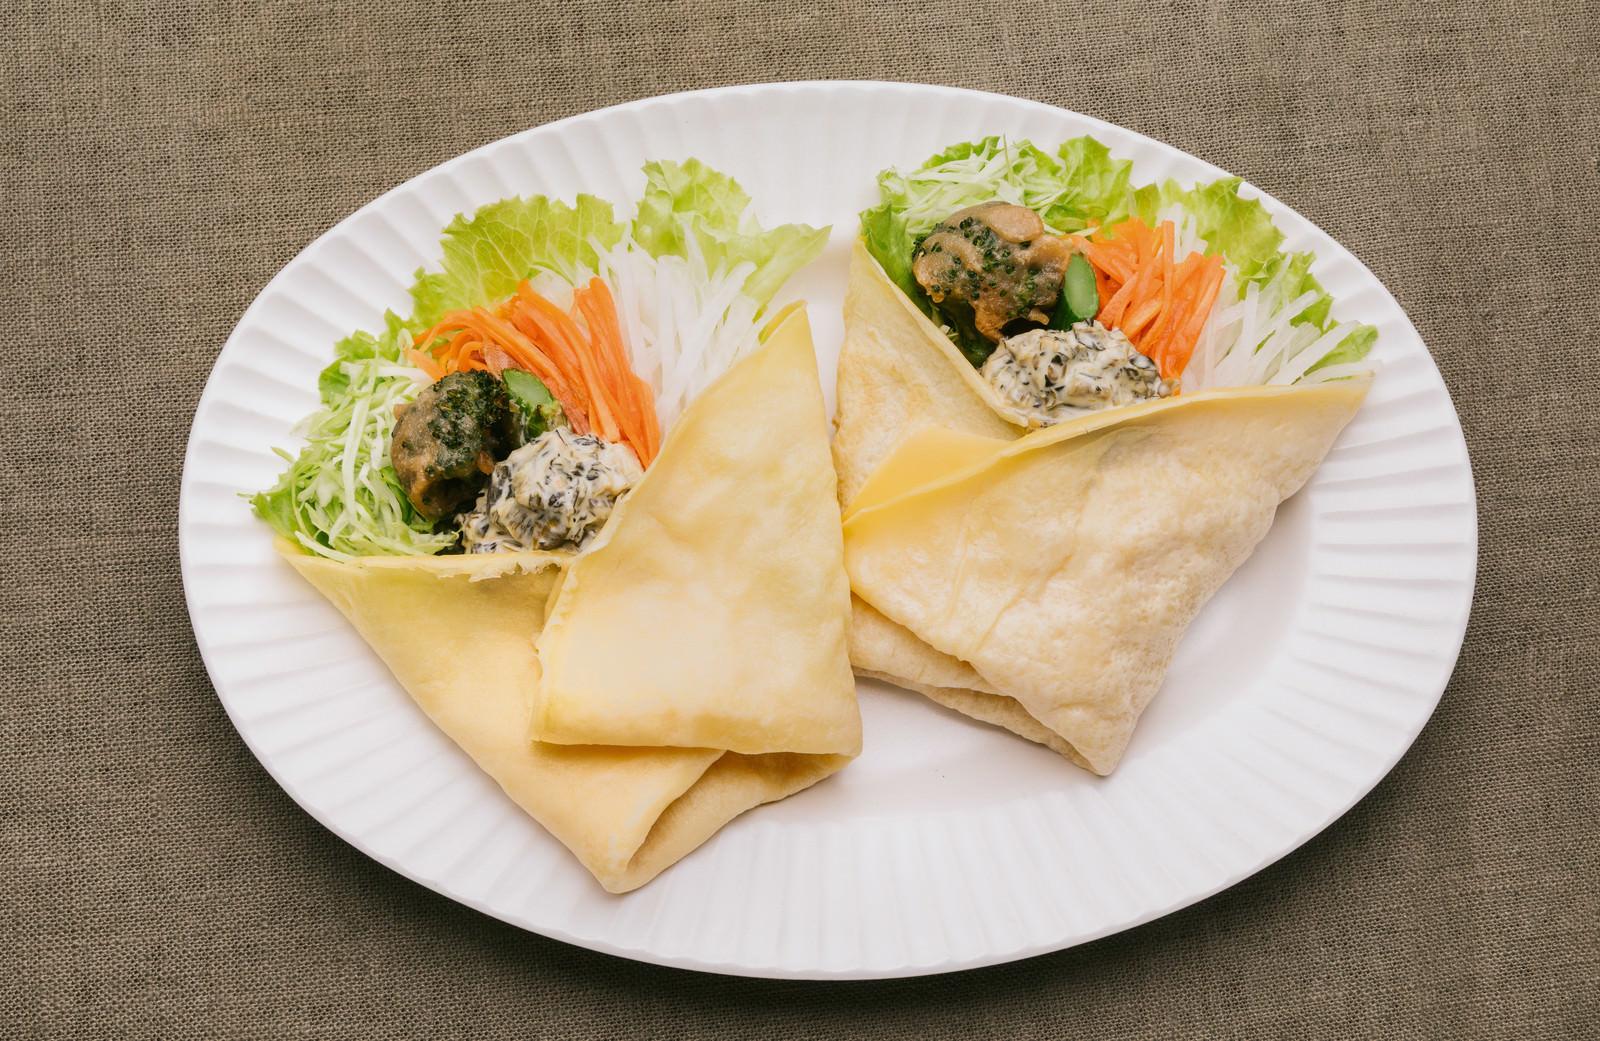 「スイーツのようなサラダ高菜タルタルで食べる「ベジクレープ」スイーツのようなサラダ高菜タルタルで食べる「ベジクレープ」」のフリー写真素材を拡大